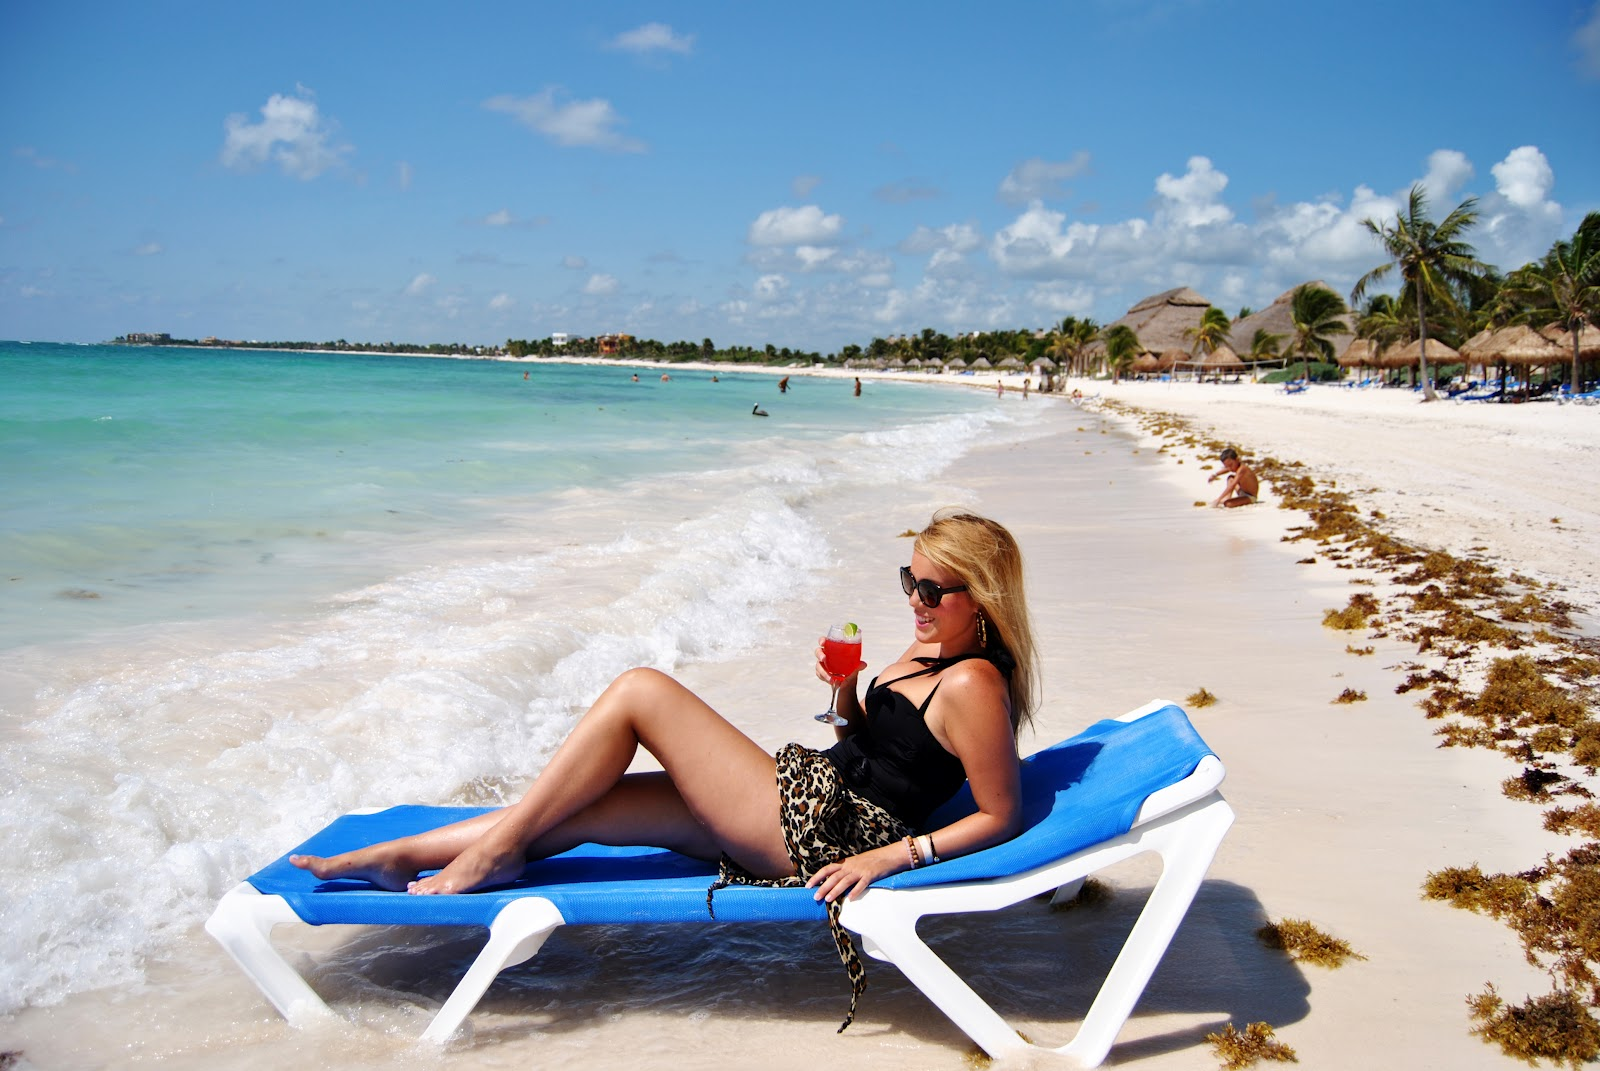 NERY HDEZ, Riviera maya, mexico, swimwear, paradise